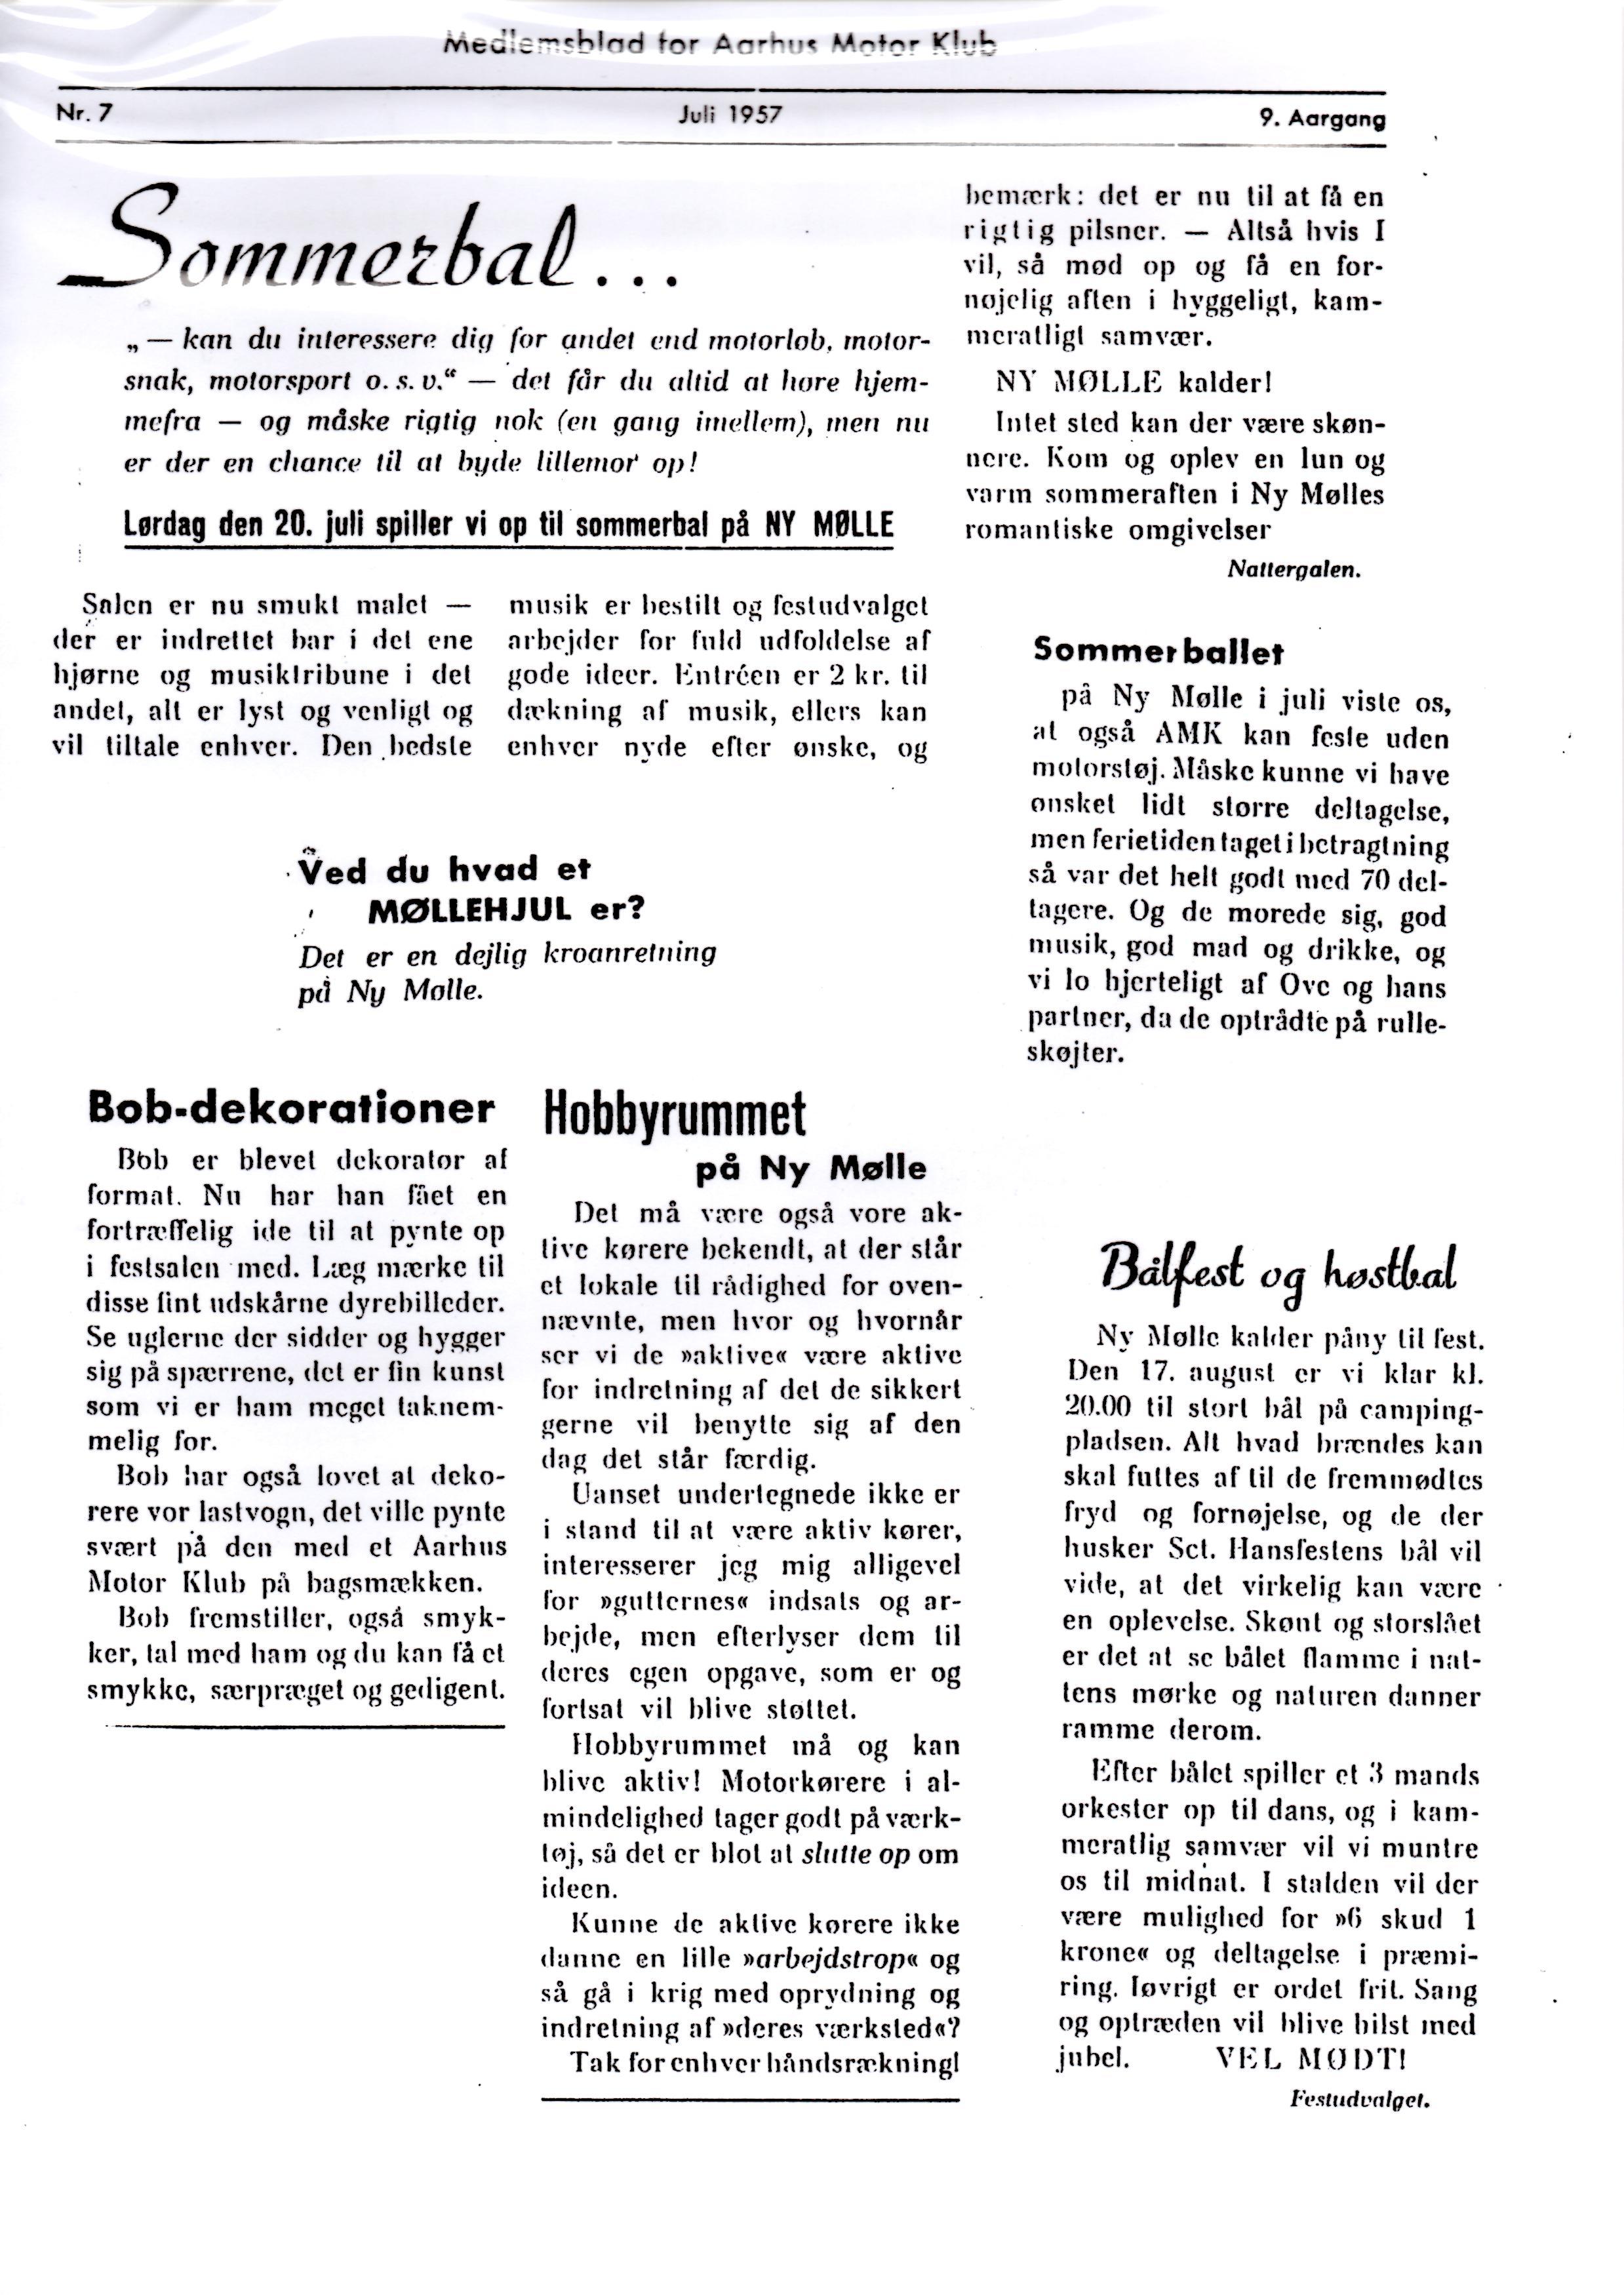 Klubblad 7-2-57